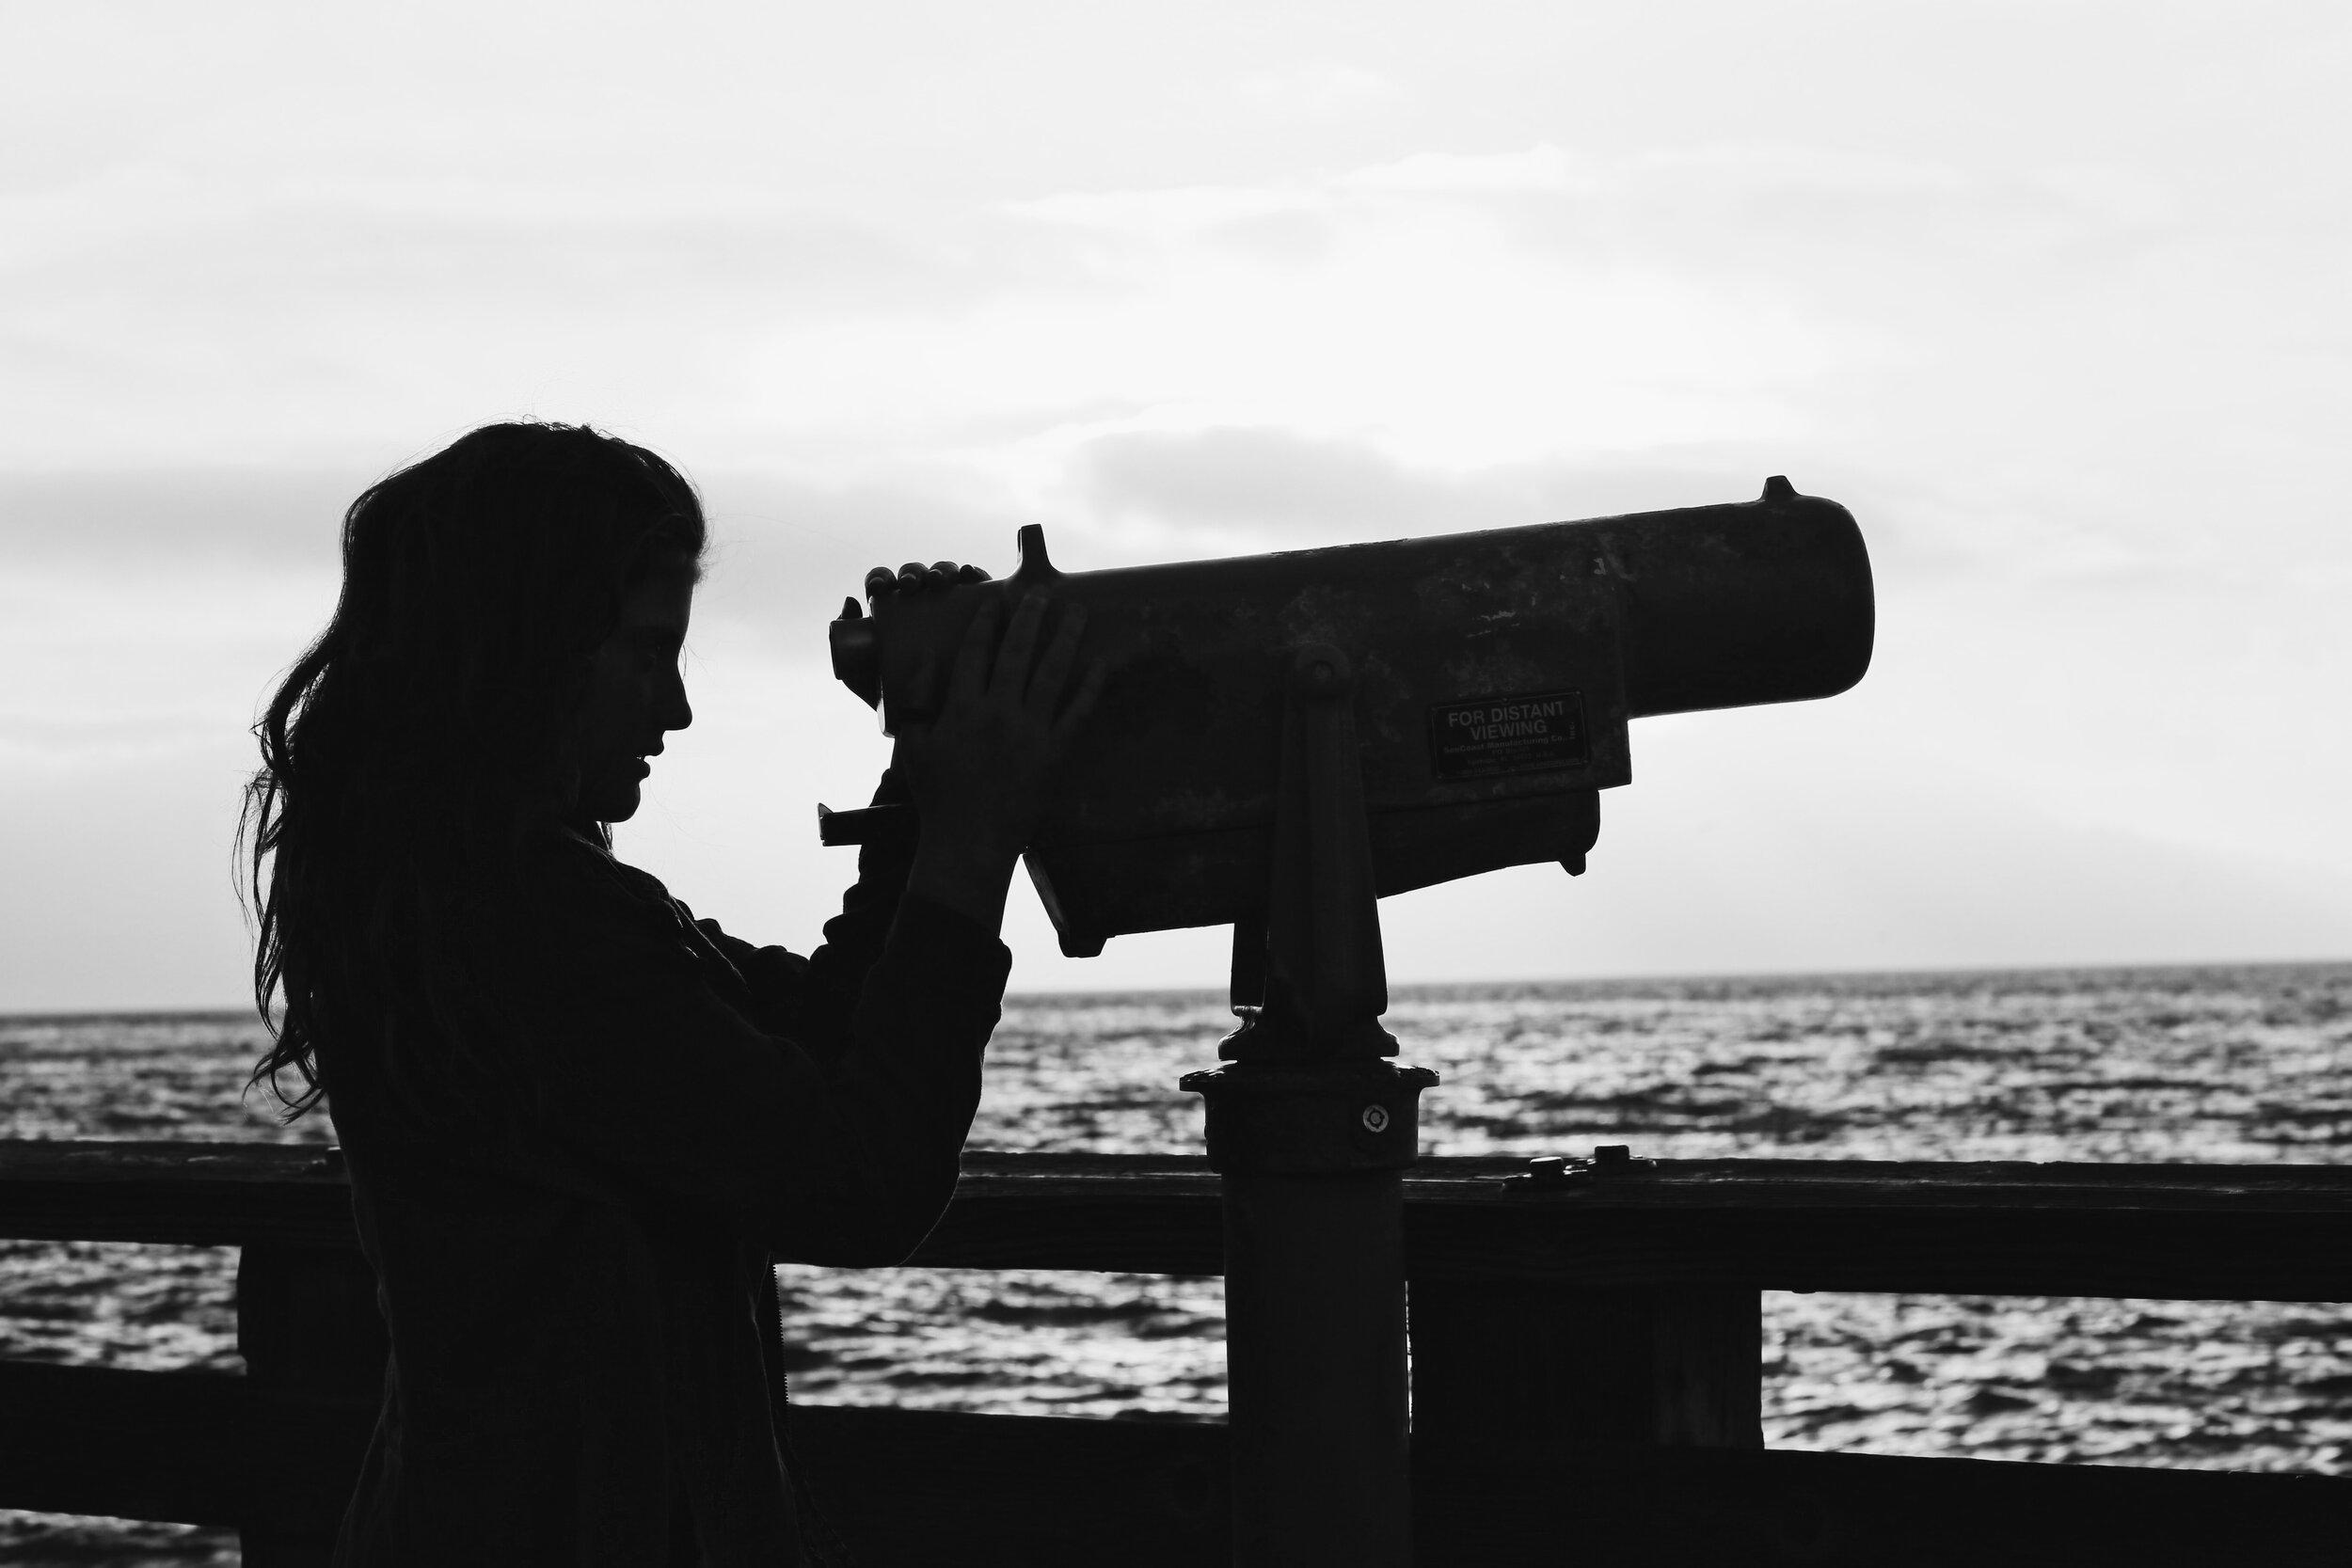 穿过望远镜的女性